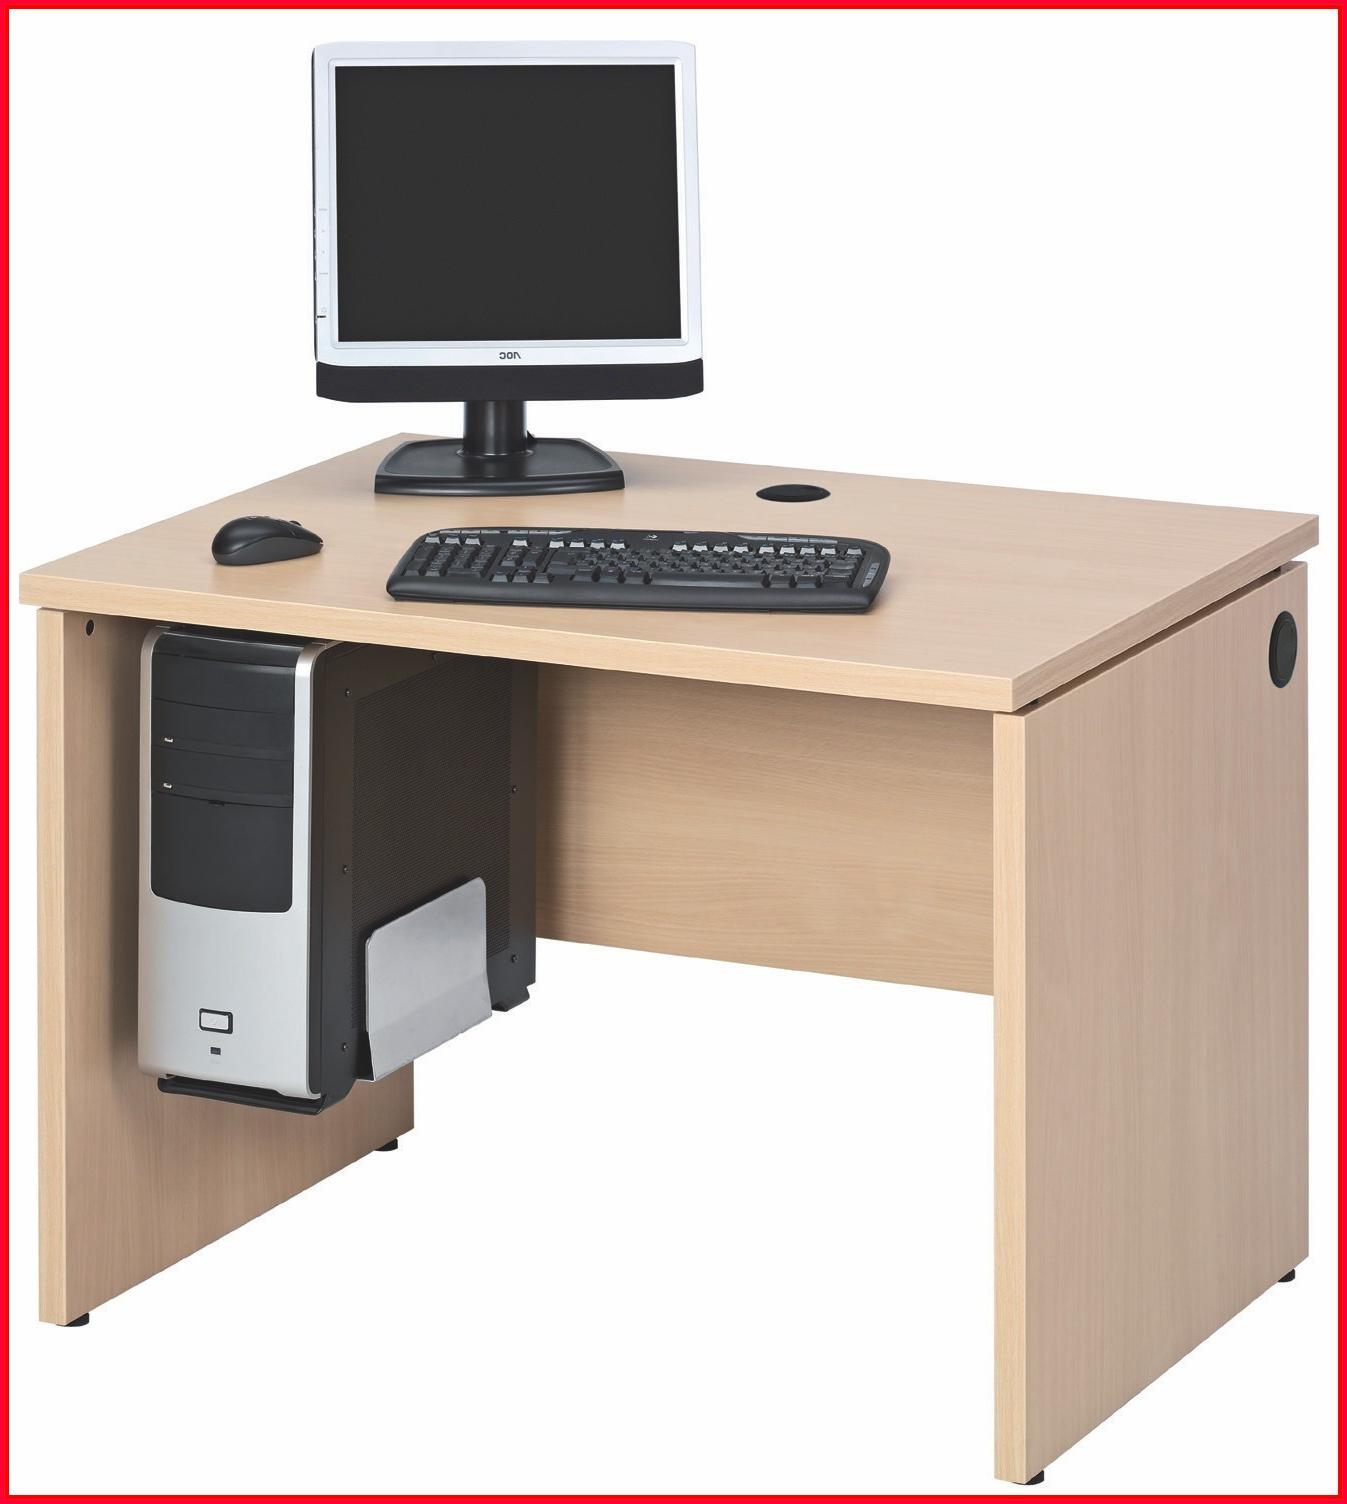 Mesas De ordenador Baratas Kvdd Mesas De ordenador Baratas Mesas Para ordenador Mesas Para